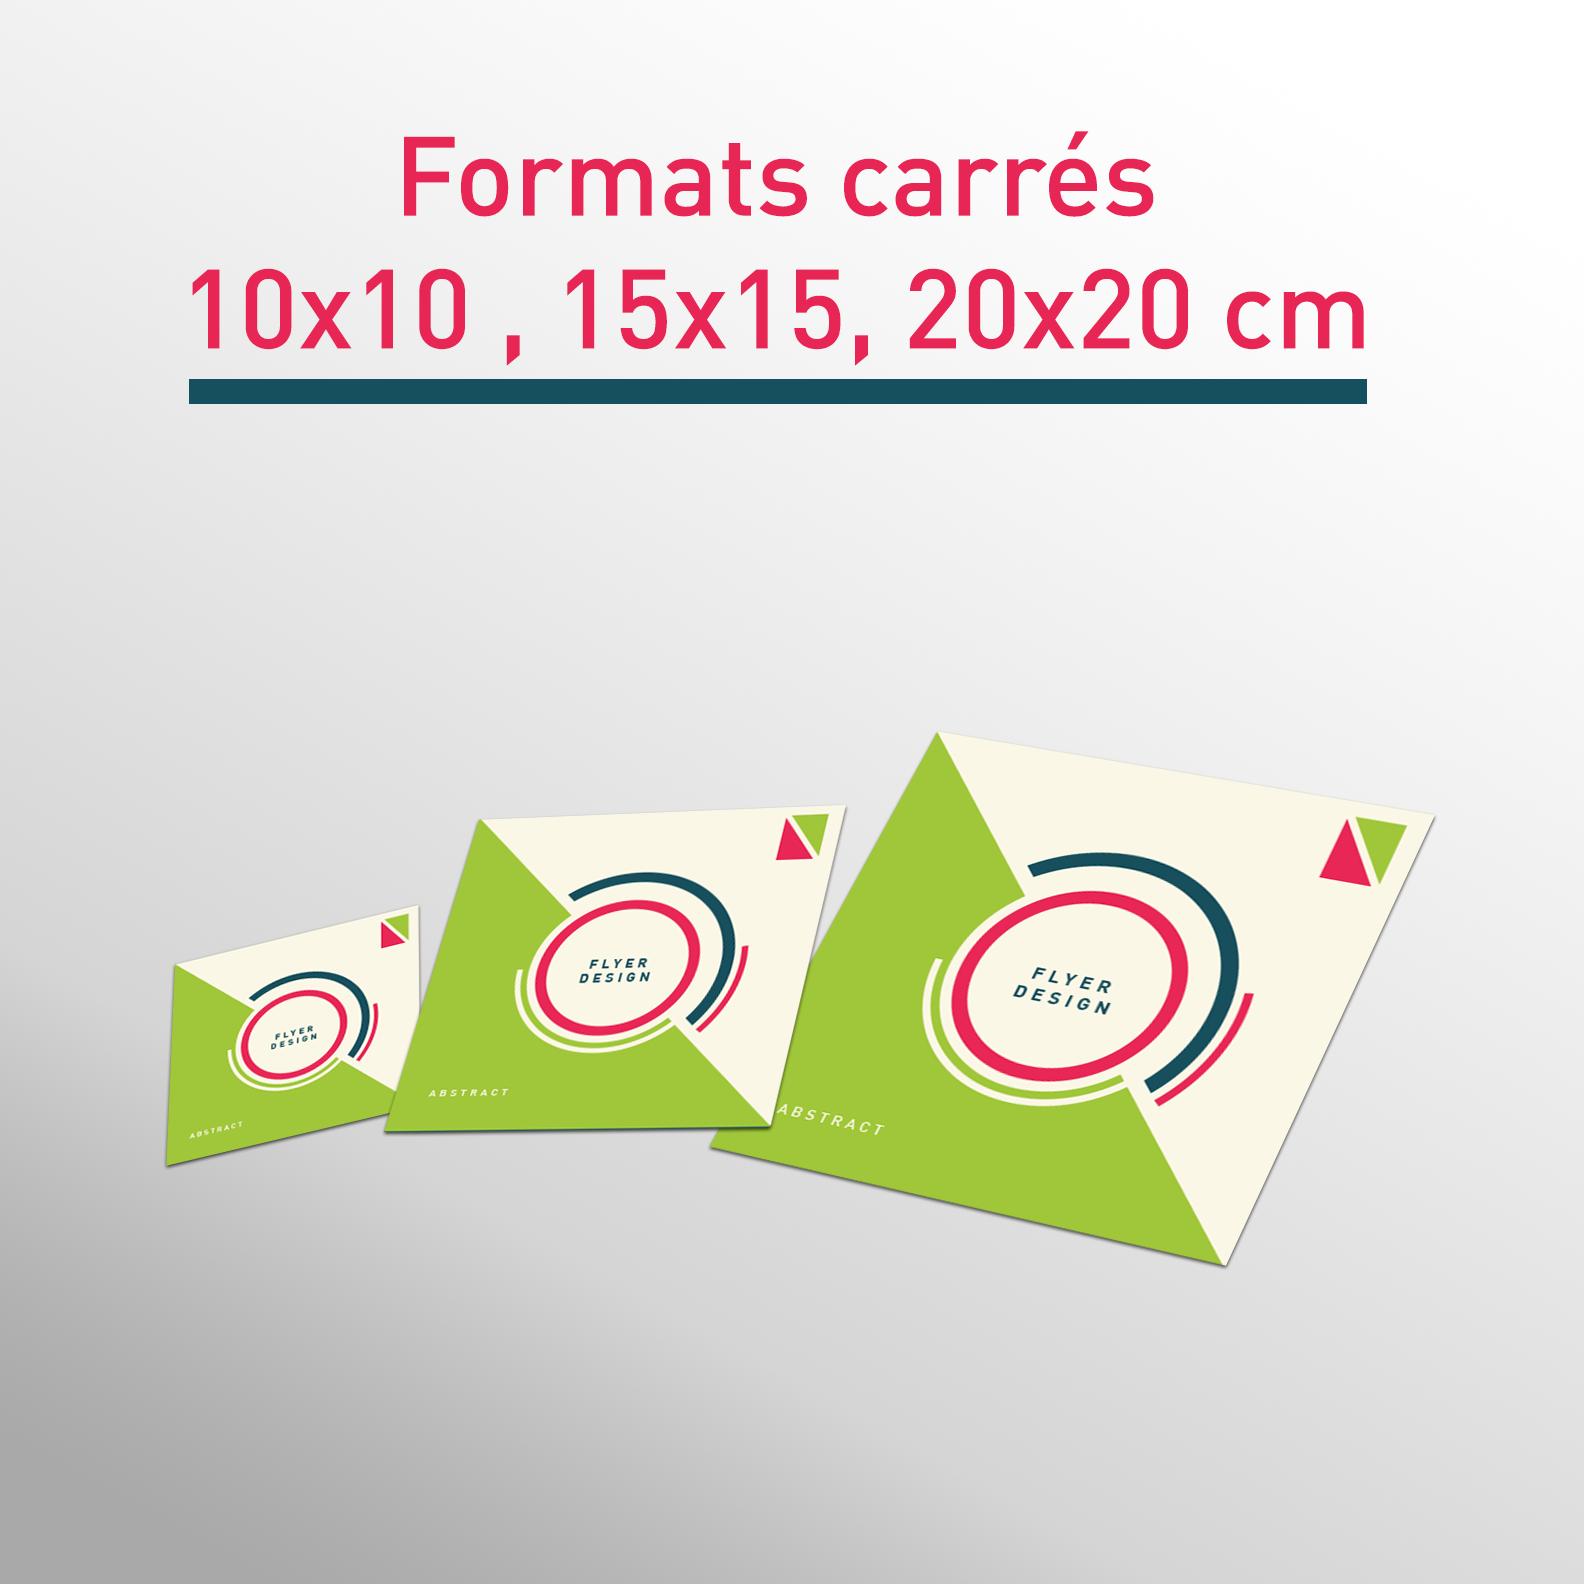 Les formats flyers carrés